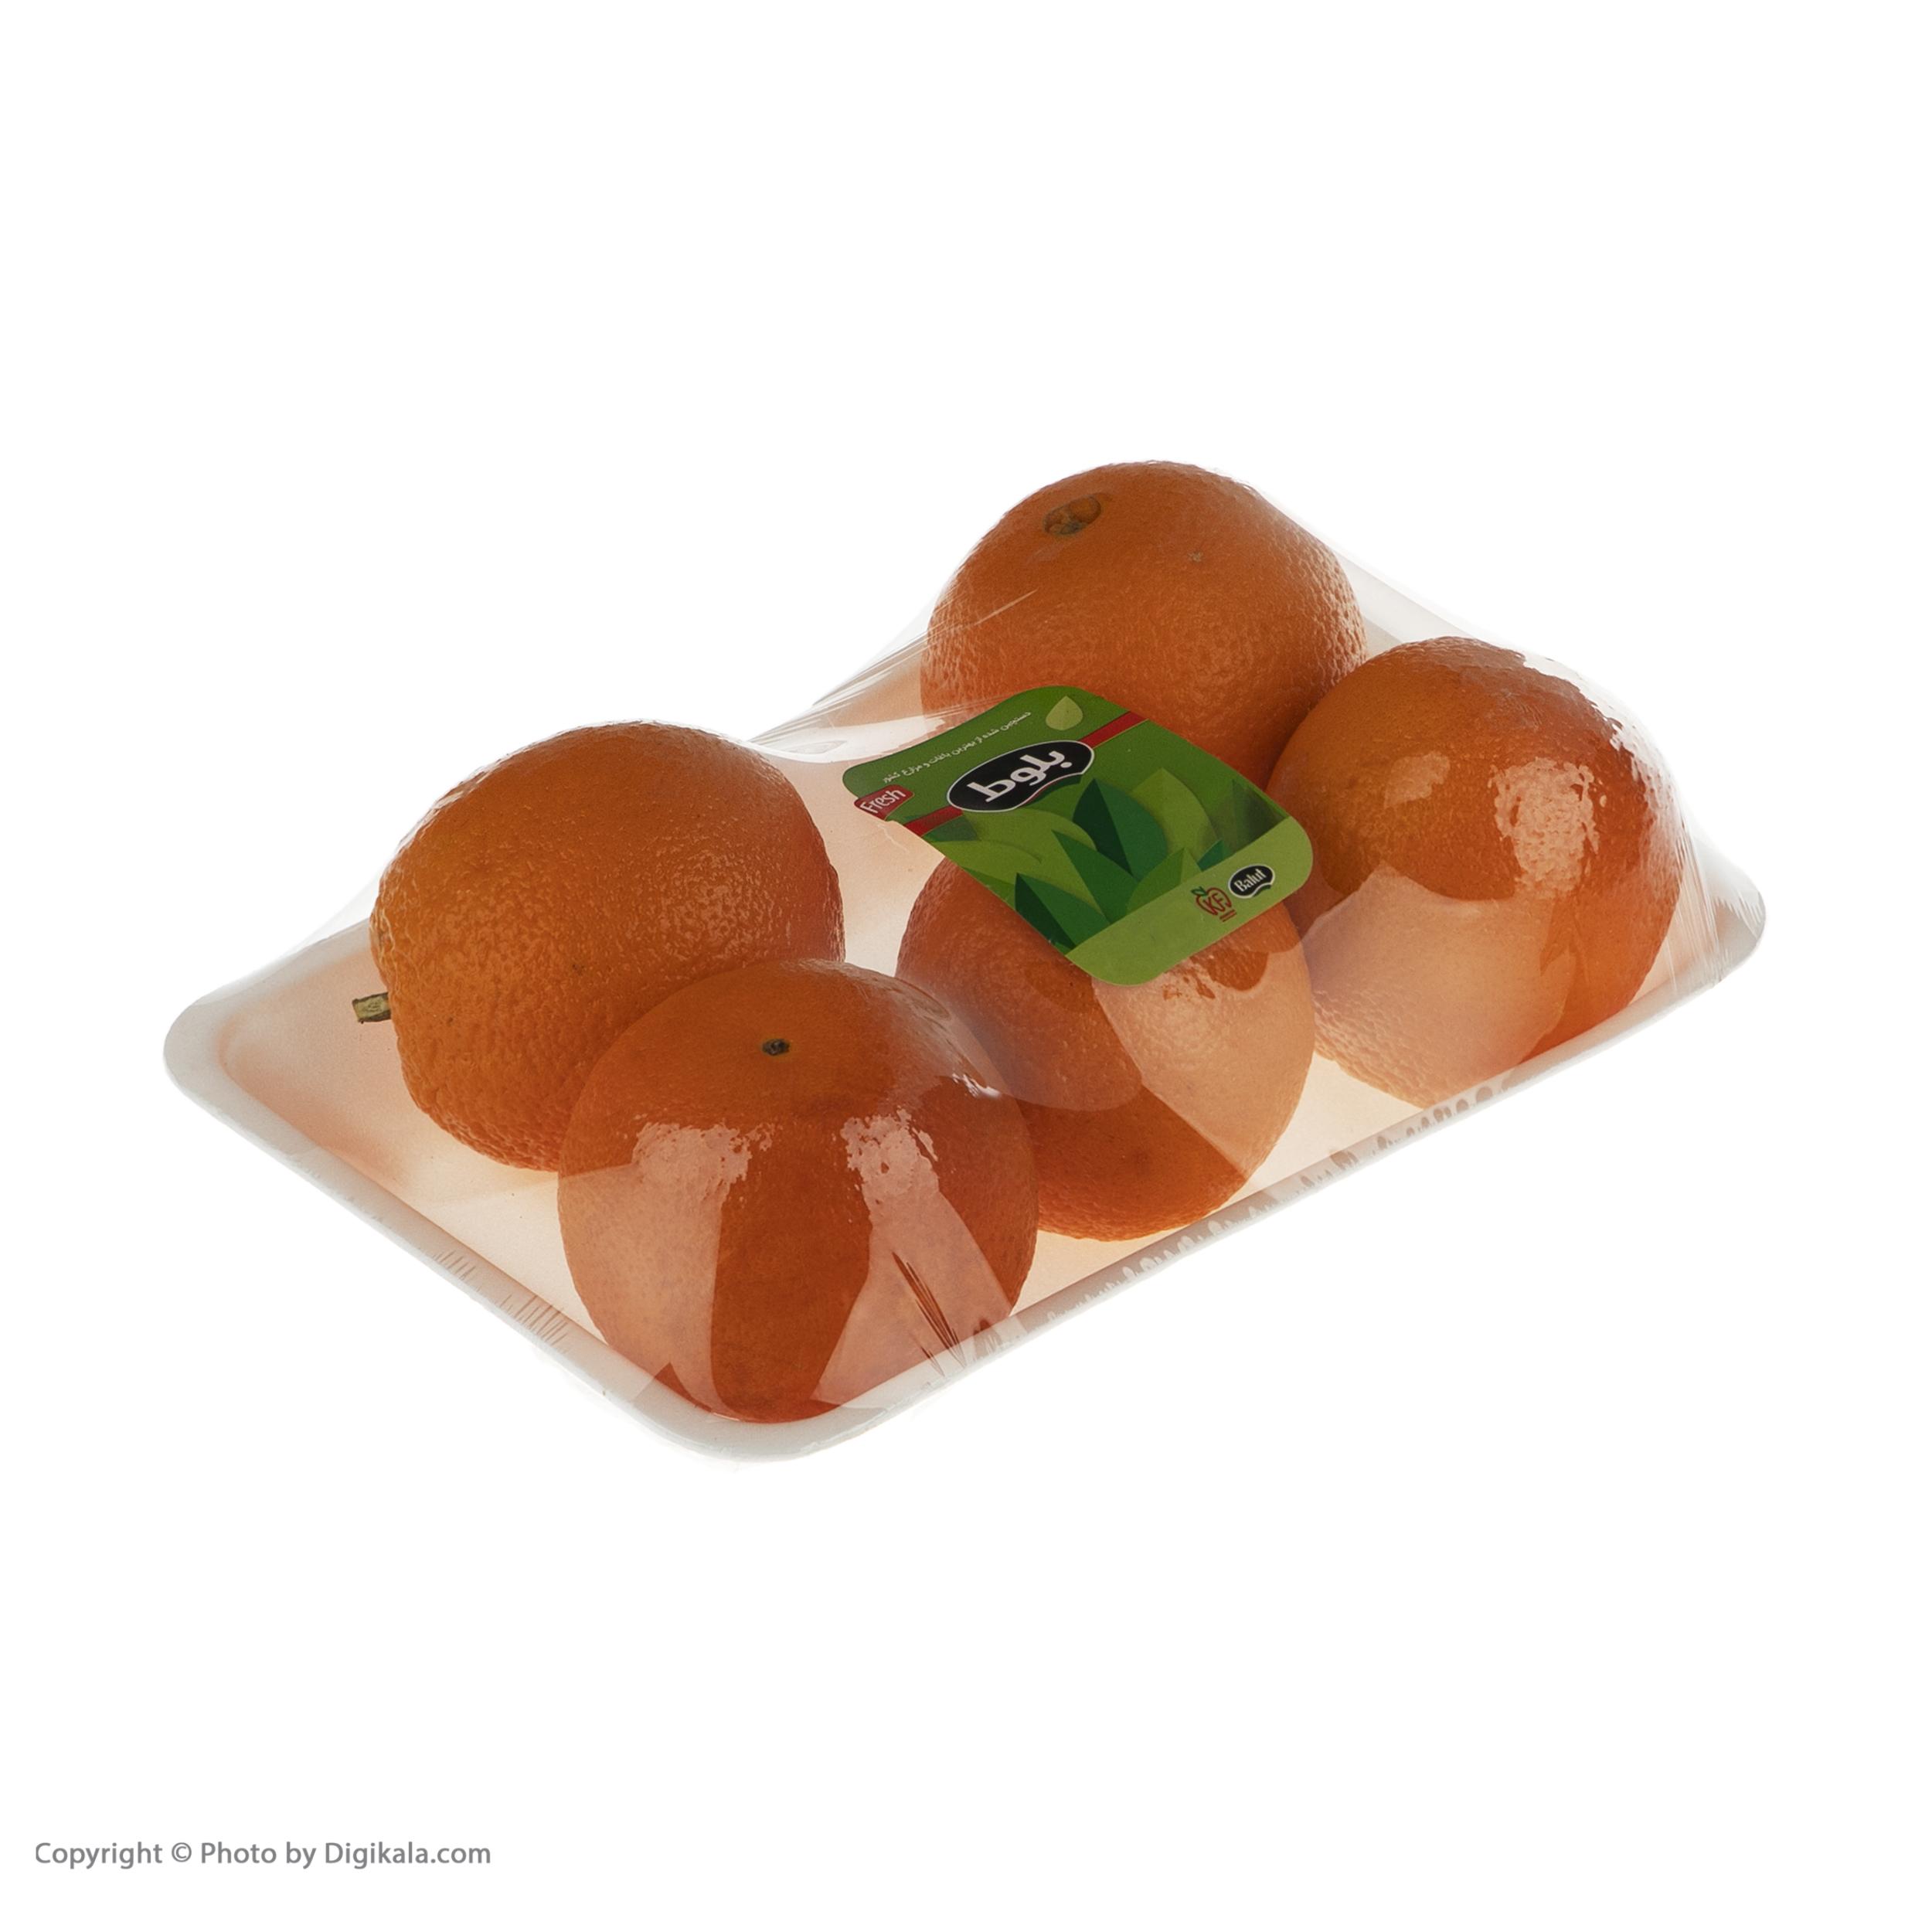 پرتقال تامسون جنوب بلوط - 1 کیلوگرم  main 1 3